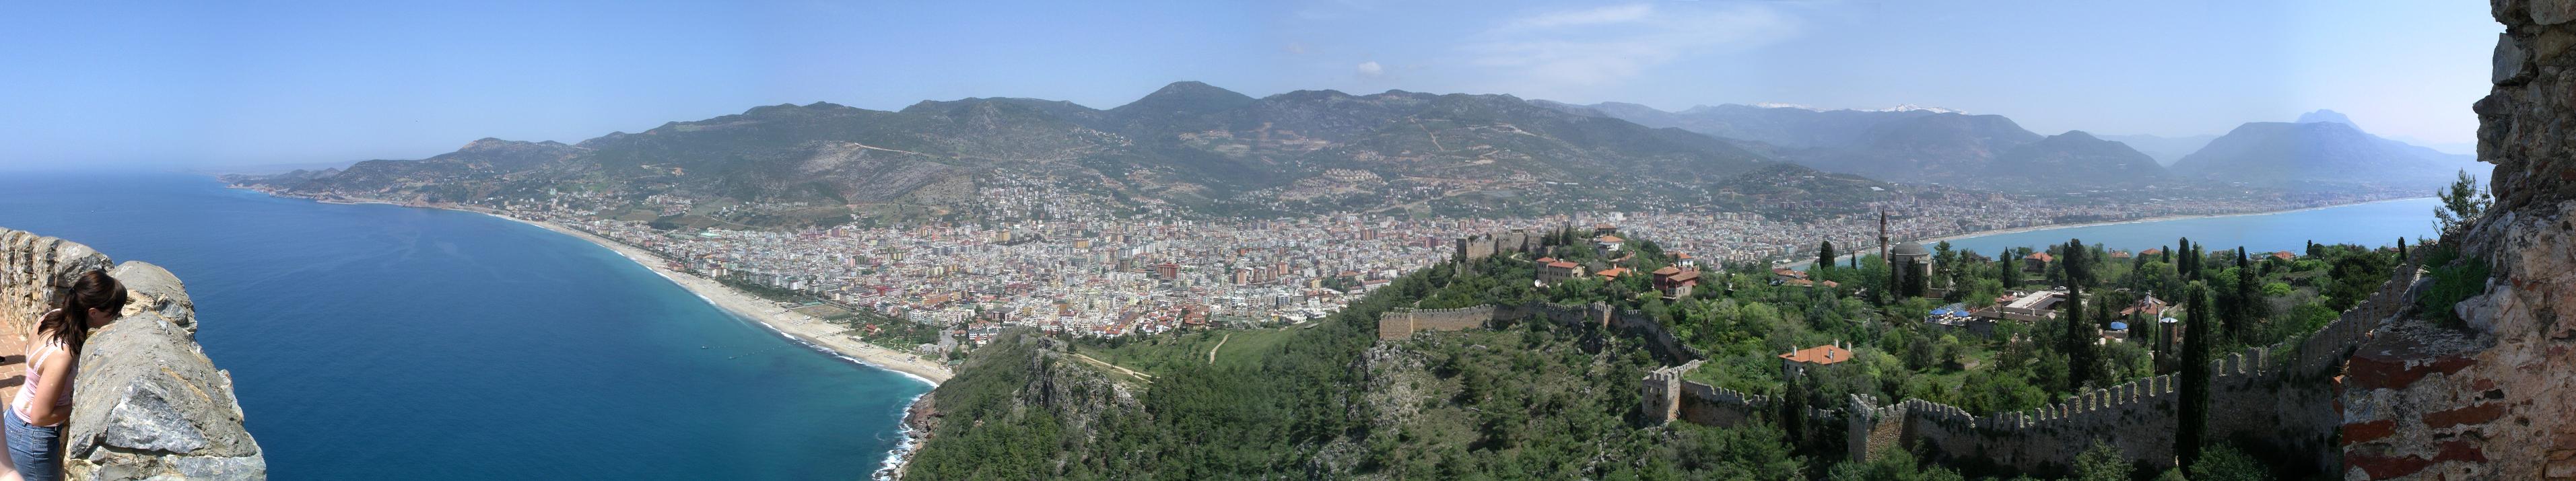 <center>Панорама города с западной стороны полуострова</center>